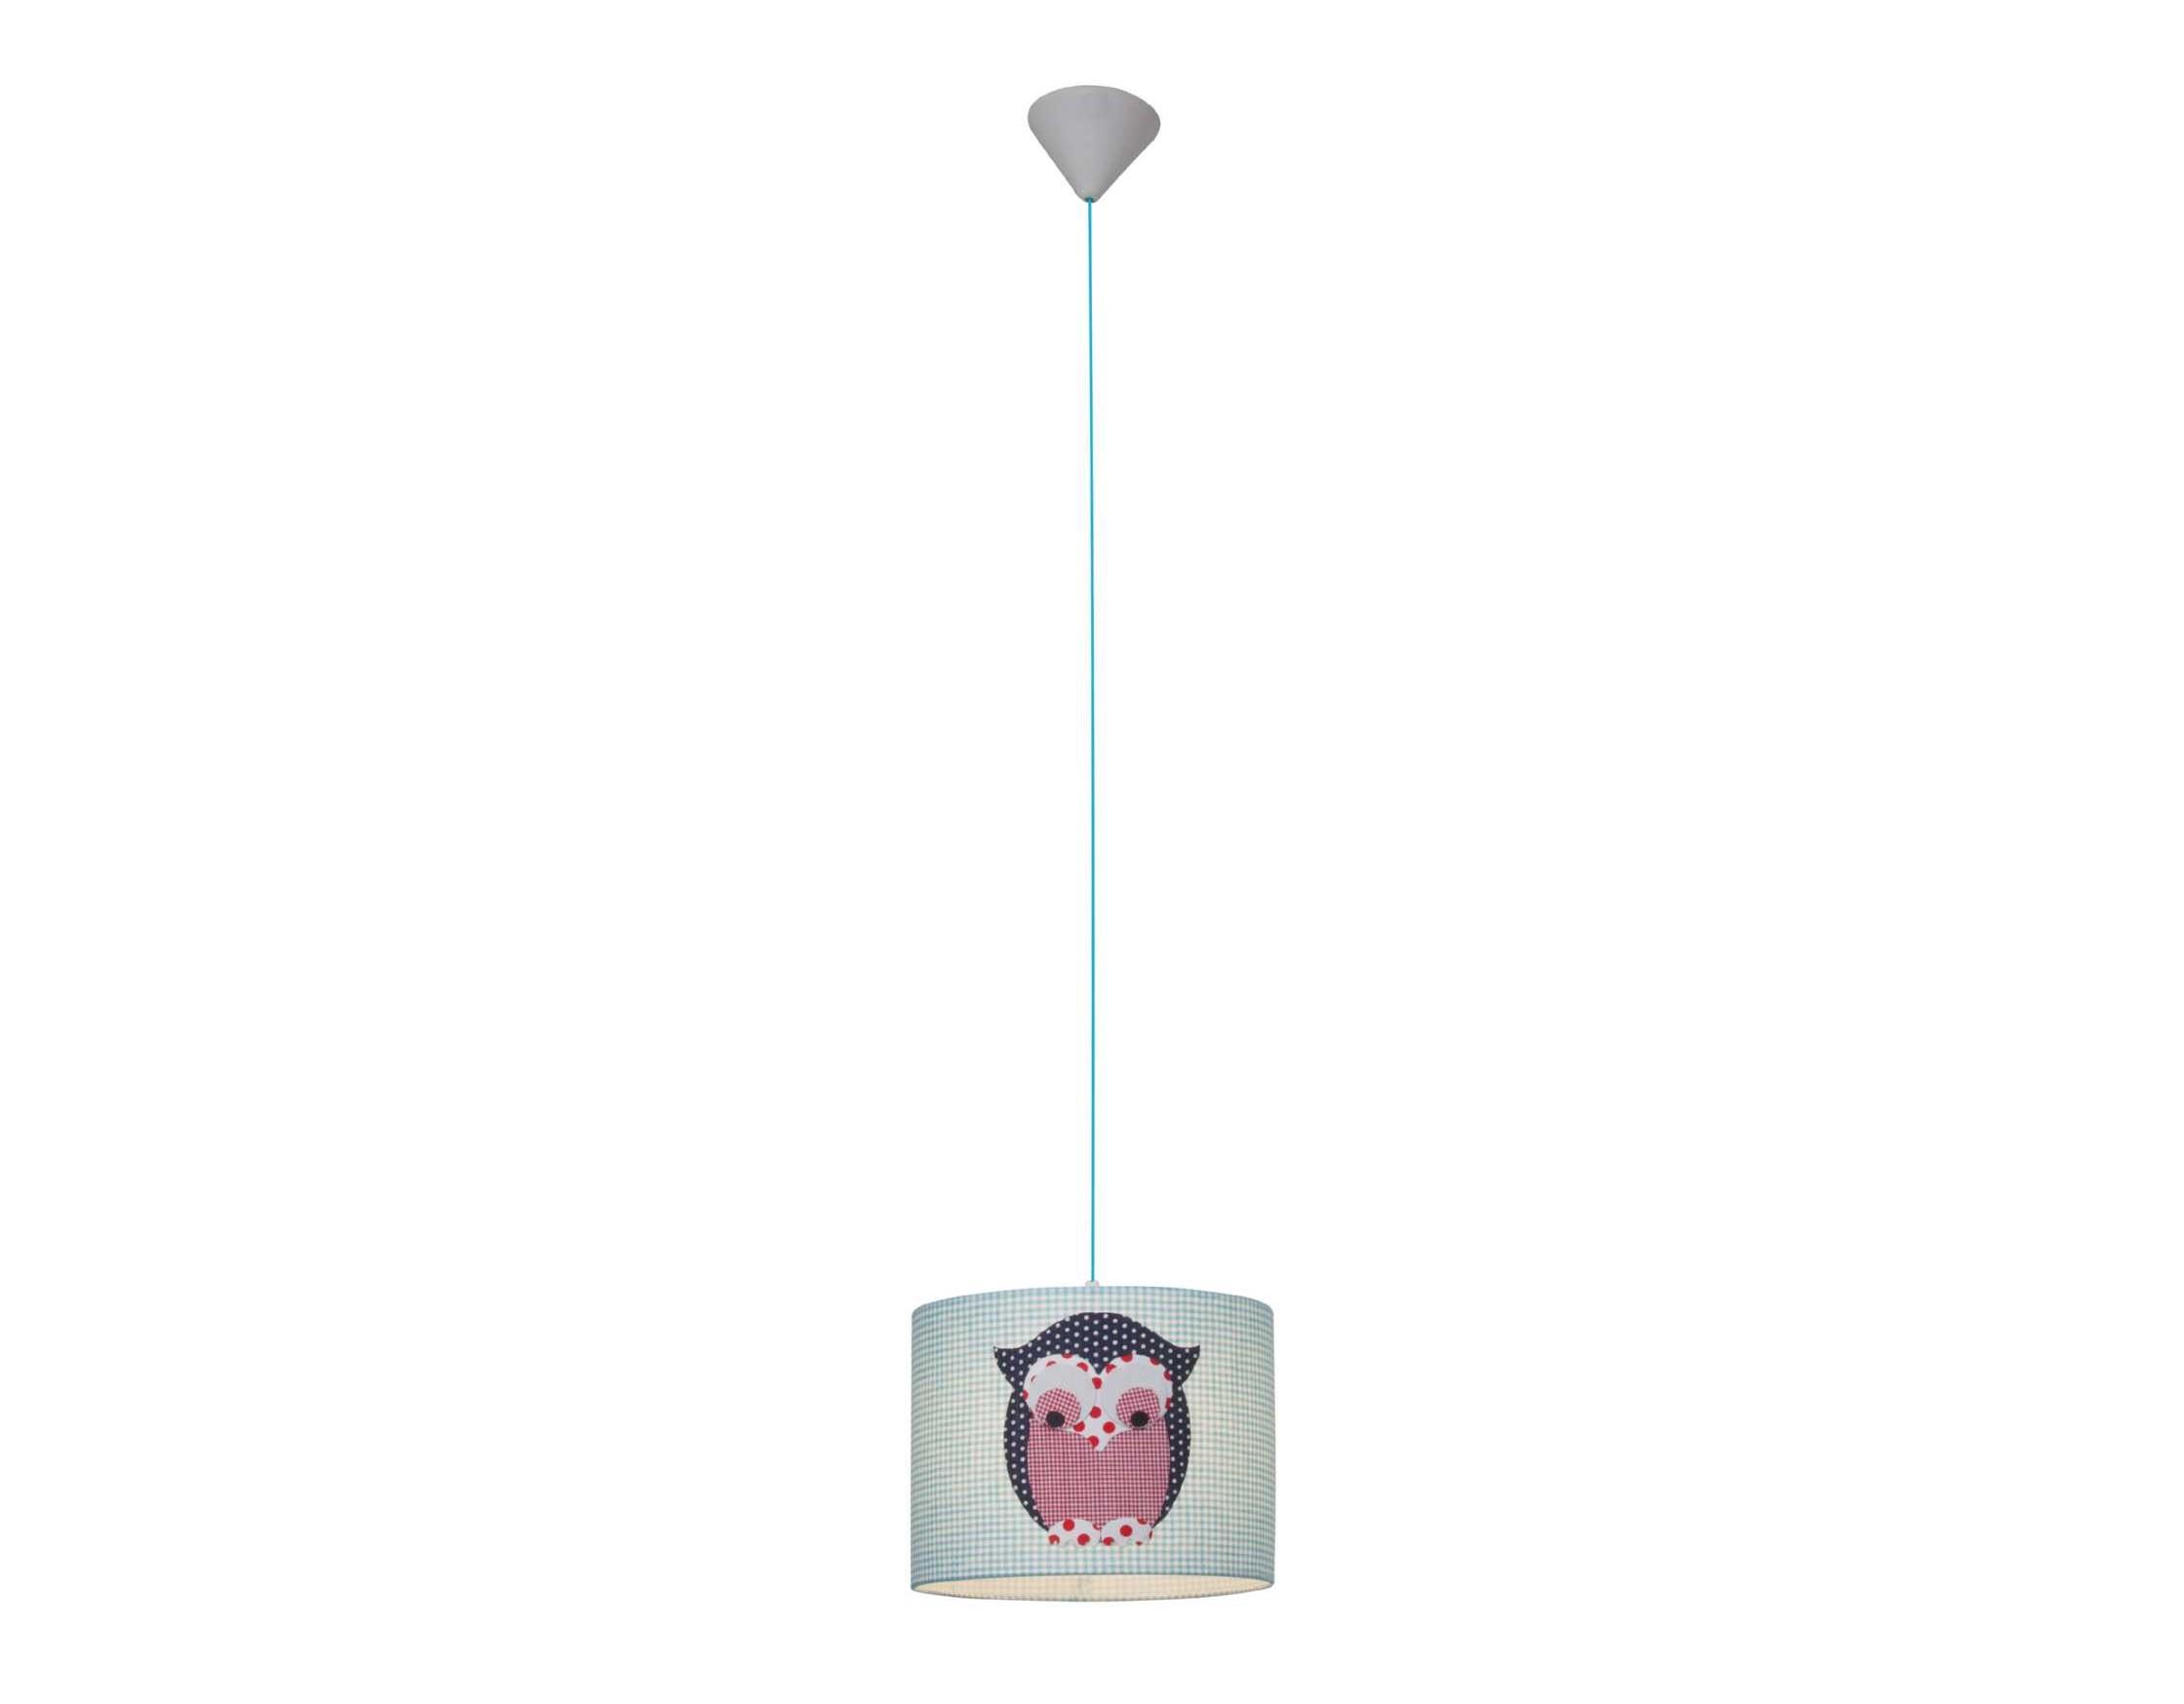 Светильник подвесной WoolyПодвесные светильники<br>Вид цоколя: Е27&amp;lt;div&amp;gt;Мощность ламп: 40W&amp;lt;/div&amp;gt;&amp;lt;div&amp;gt;Количество ламп: 1&amp;lt;/div&amp;gt;&amp;lt;div&amp;gt;Высота светильника регулируется от 23 до 135 см&amp;lt;/div&amp;gt;&amp;lt;div&amp;gt;Материалы: пластик, текстиль&amp;lt;/div&amp;gt;&amp;lt;div&amp;gt;&amp;lt;span style=&amp;quot;line-height: 24.9999px;&amp;quot;&amp;gt;Наличие ламп: нет&amp;lt;/span&amp;gt;&amp;lt;br&amp;gt;&amp;lt;/div&amp;gt;<br><br>Material: Пластик<br>Высота см: 135